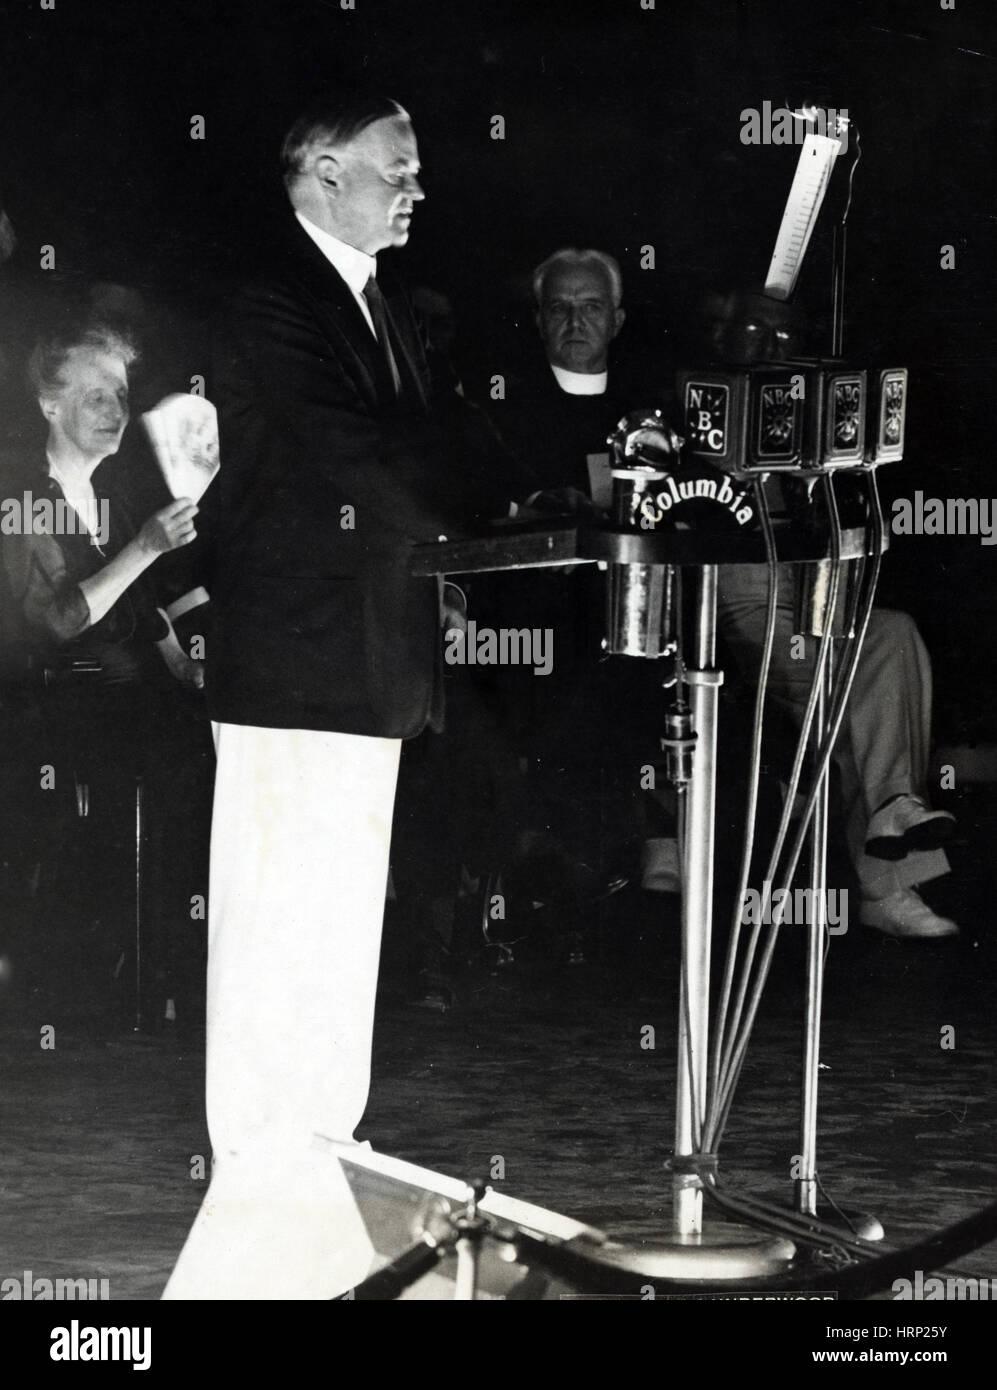 Herbert Hoover, 31st U.S. President - Stock Image